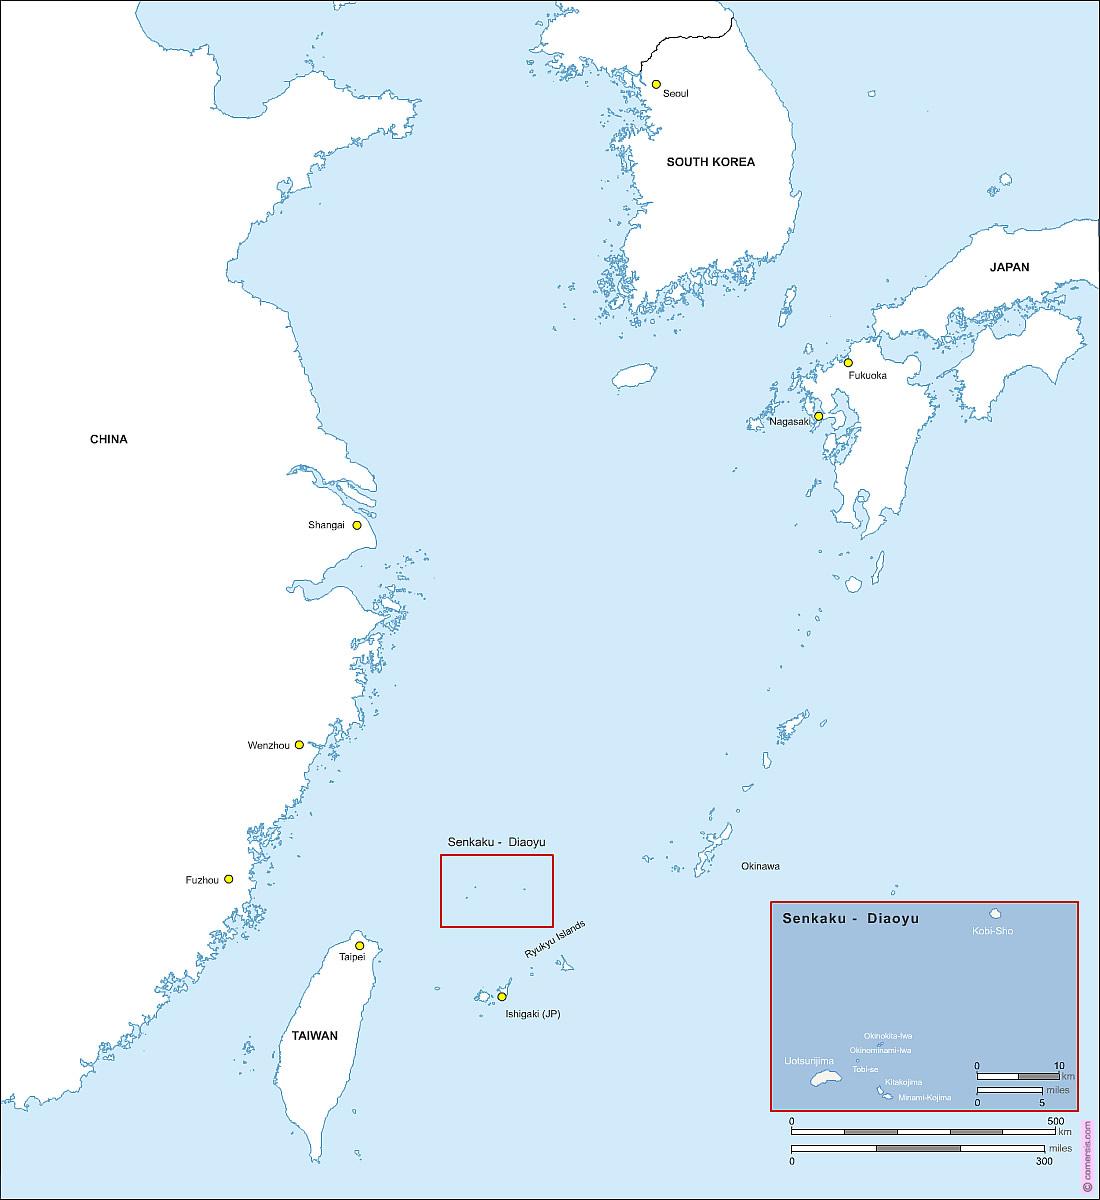 Iles de Senkaku - Diaoyu carte vectorielle HD